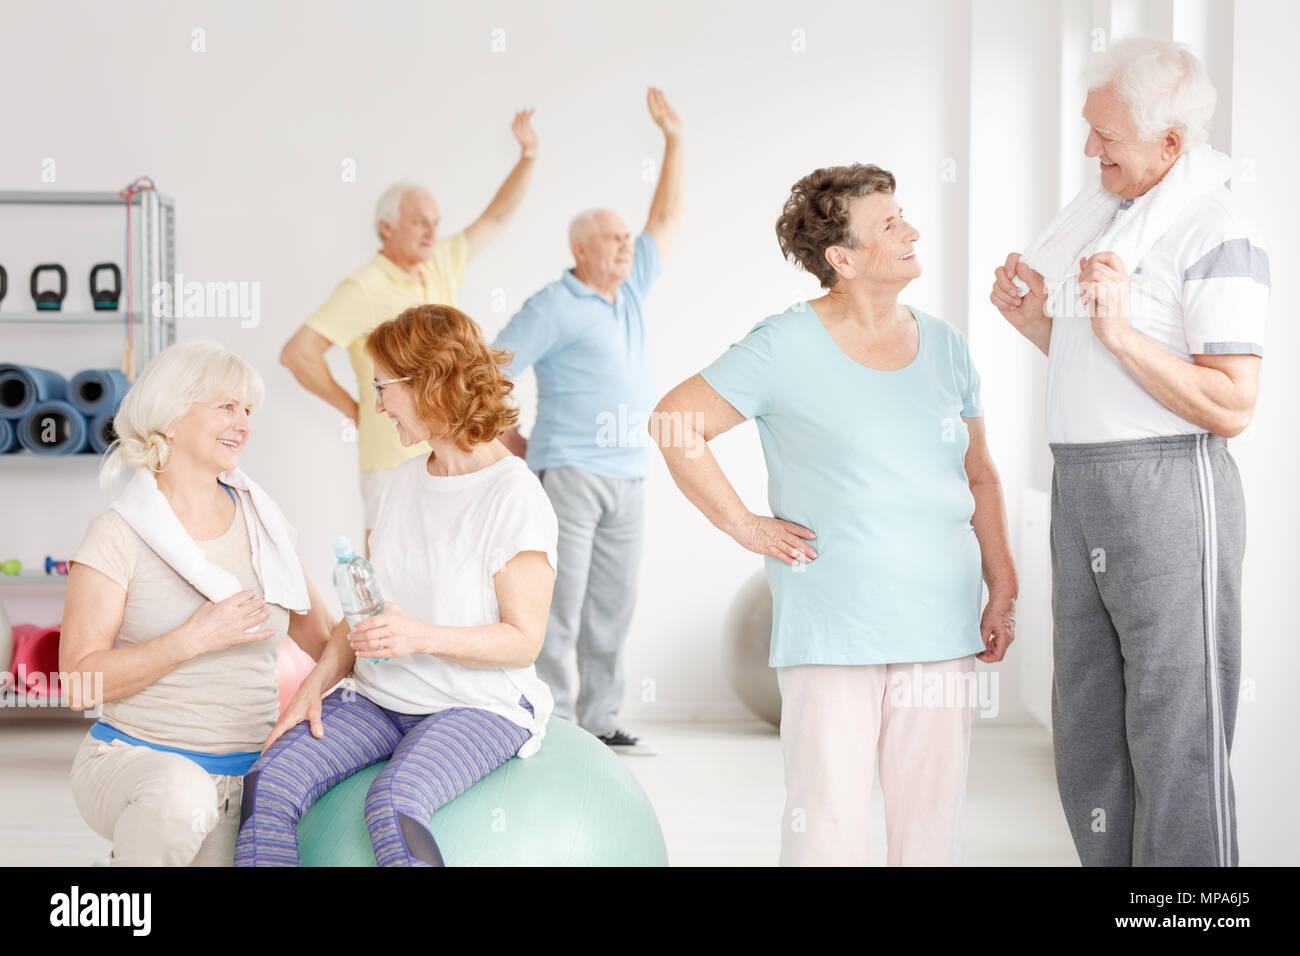 Anciano colocar personas llevando un estilo de vida saludable en un club de fitness Foto de stock